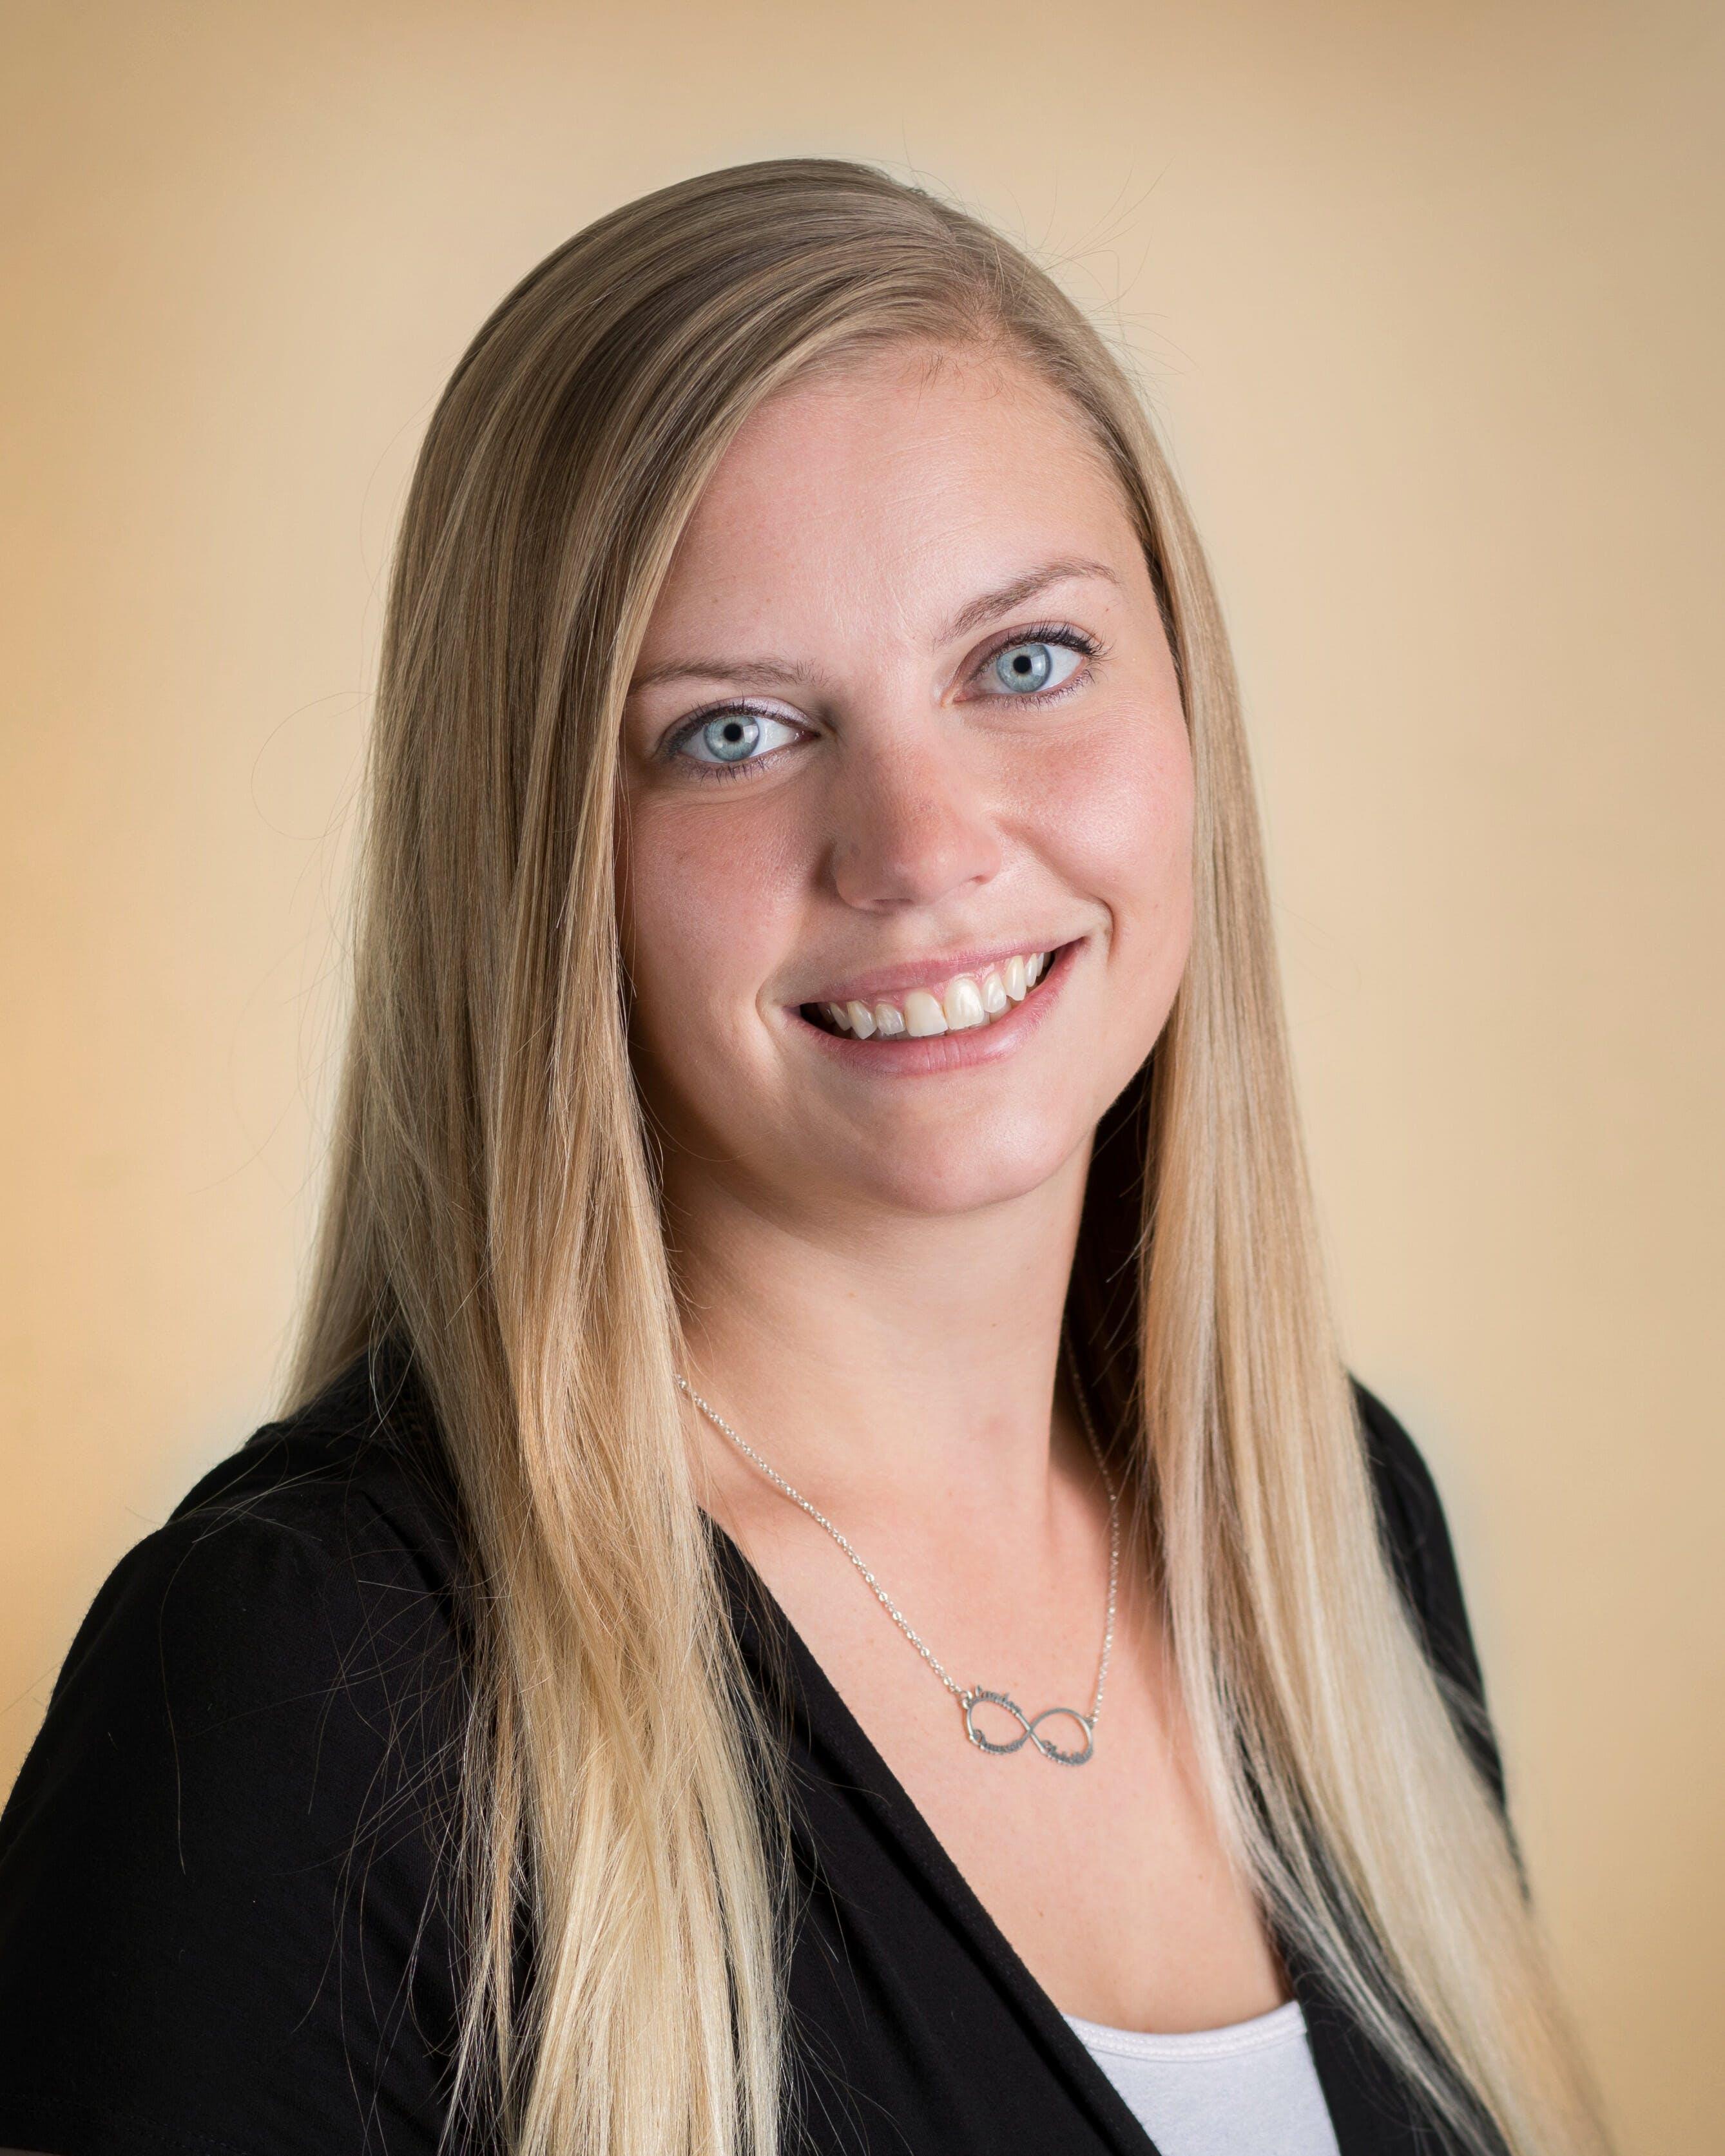 Katie Winegar